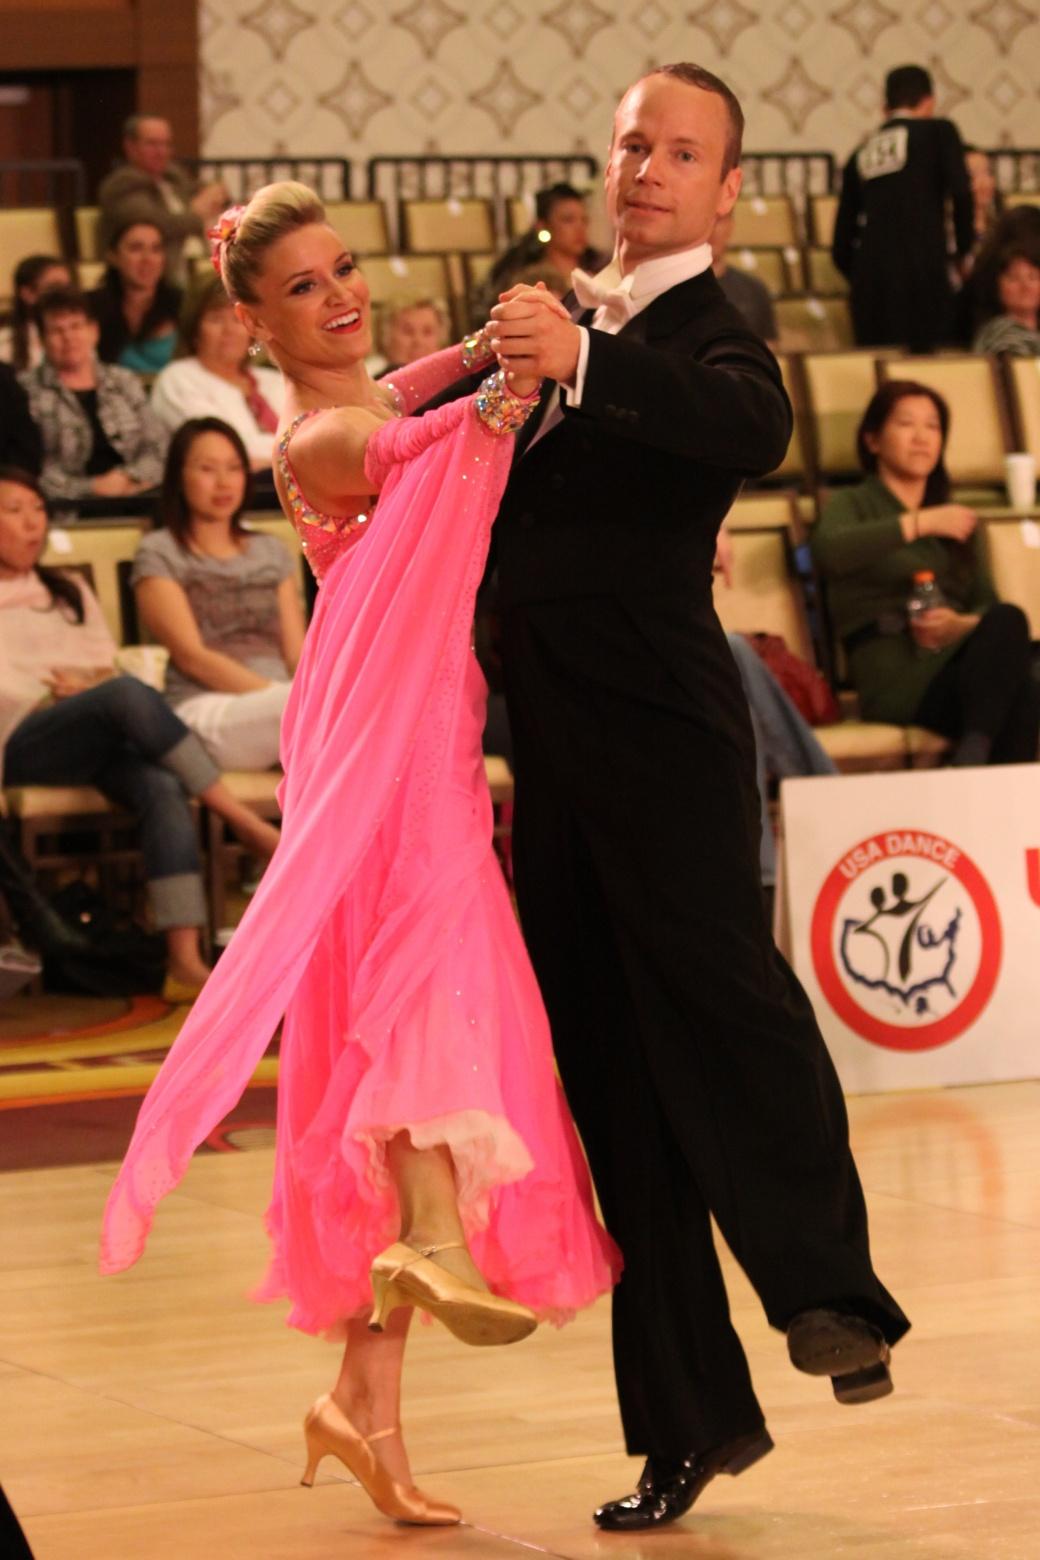 ballroom dancers, quickstep, pink gown